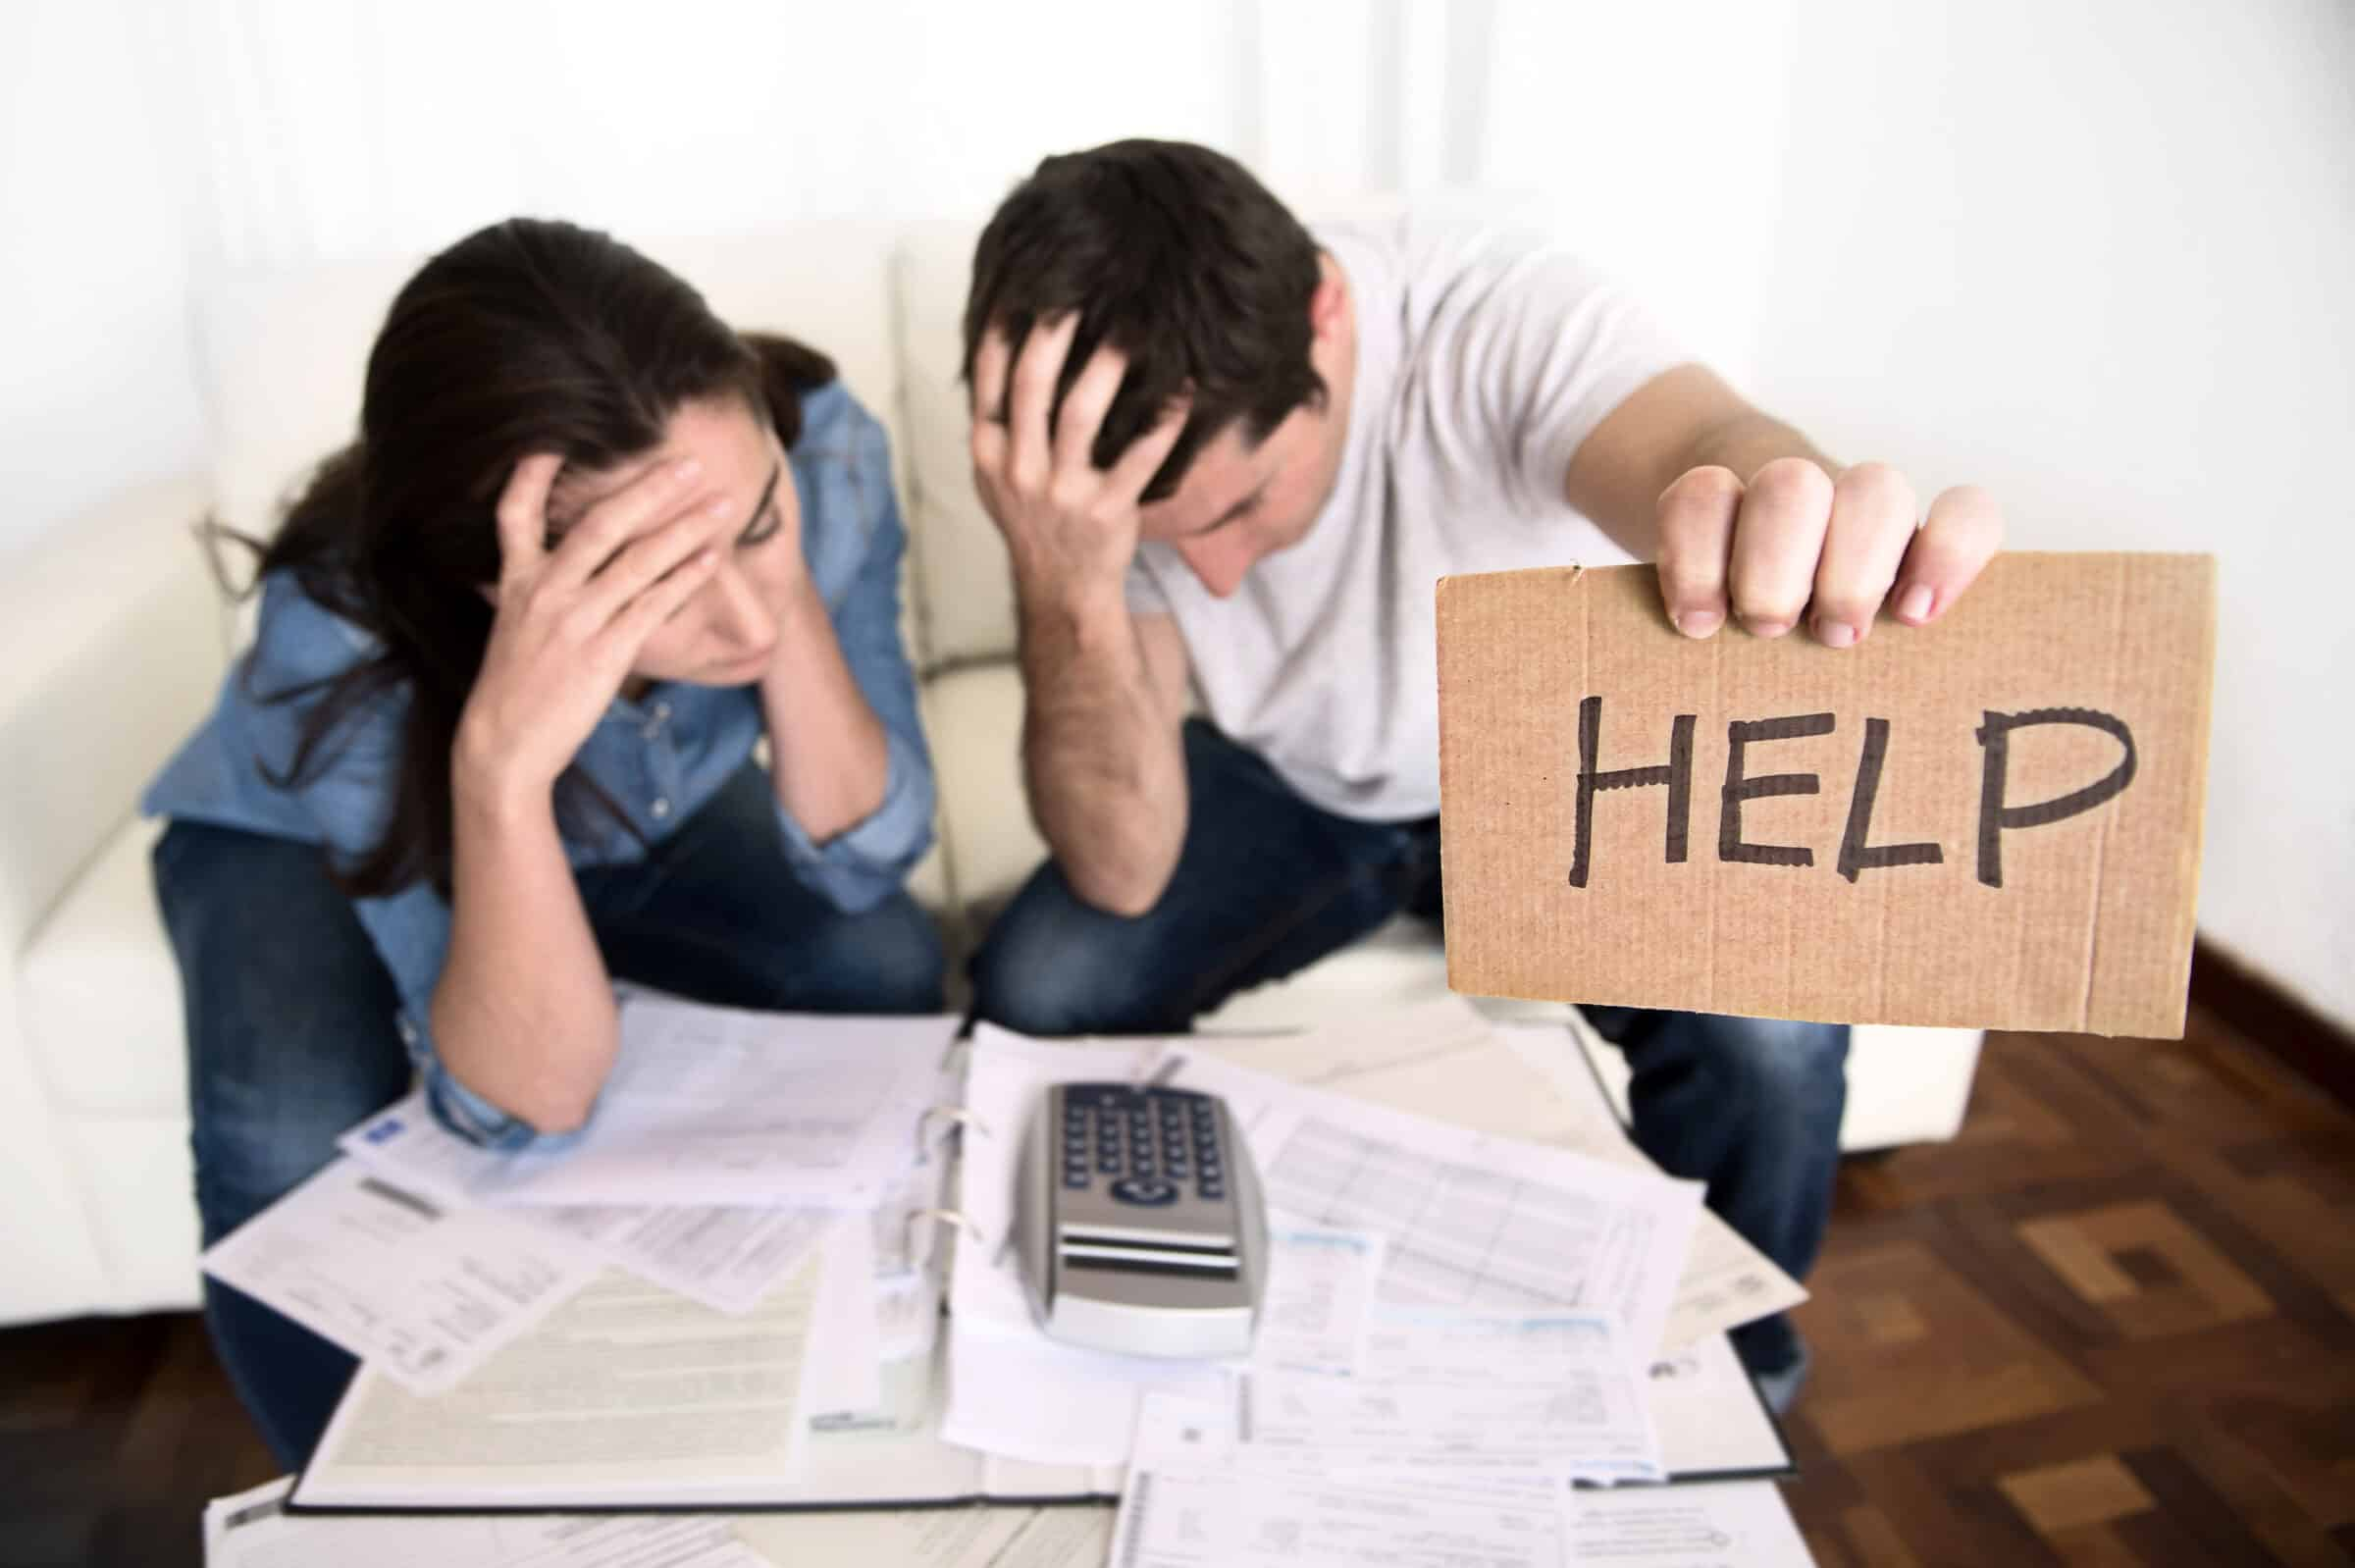 Gestione spese tra coniugi, meglio la comunione o la separazione dei beni? Pro e contro dei due regimi